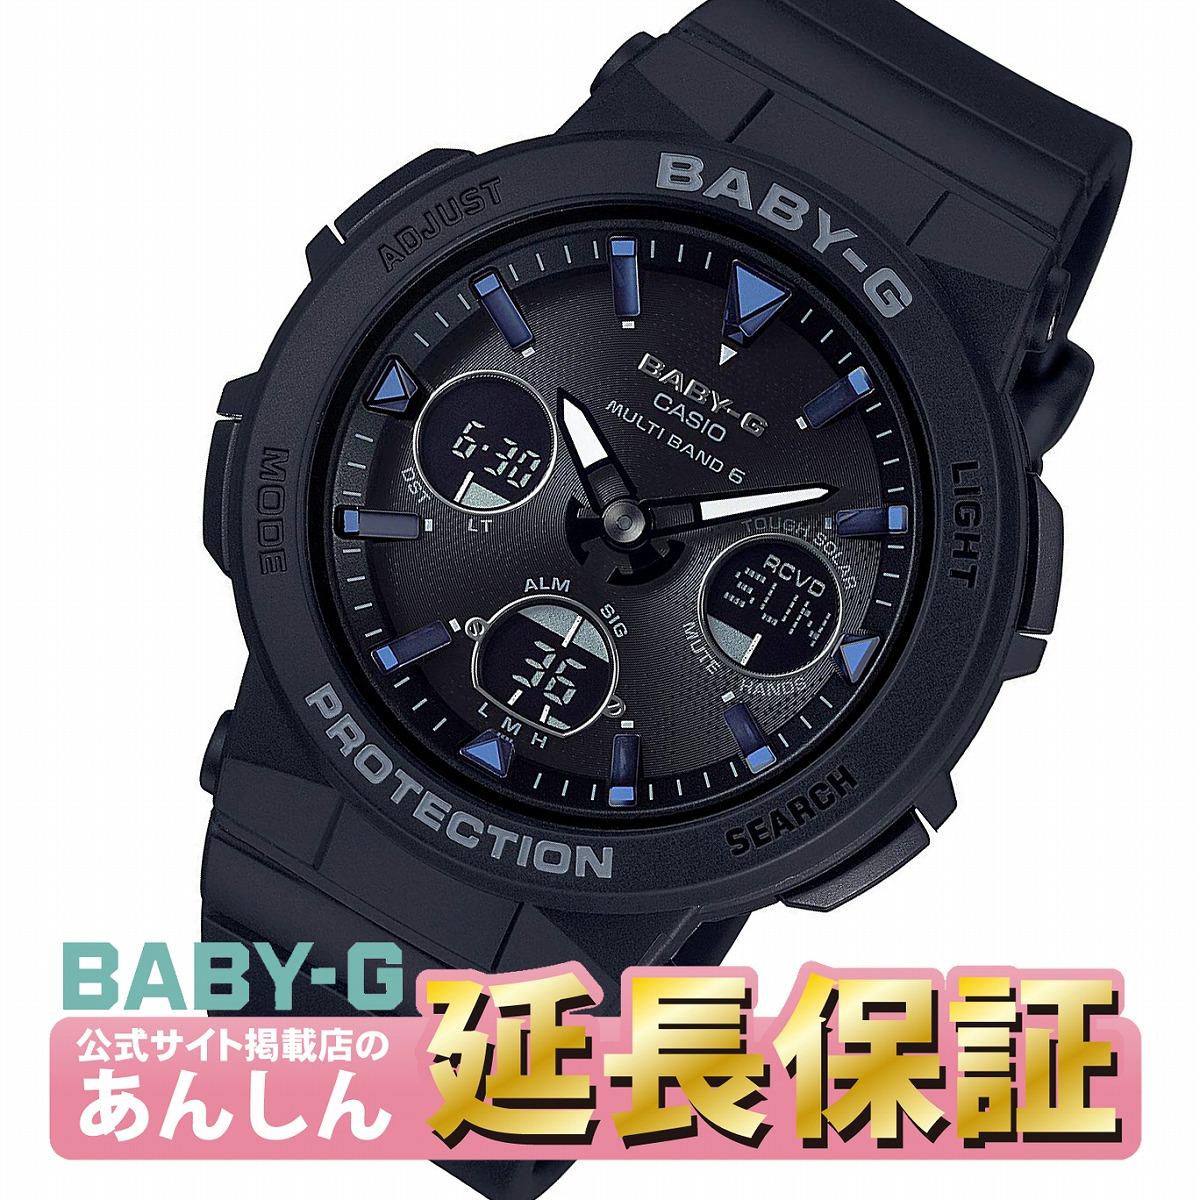 カシオ ベビーG BGA-2500-1AJF 電波 ソーラー ネオンイルミネーター レディース 腕時計 電波時計 ブラック BABY-G【店頭受取対応商品】